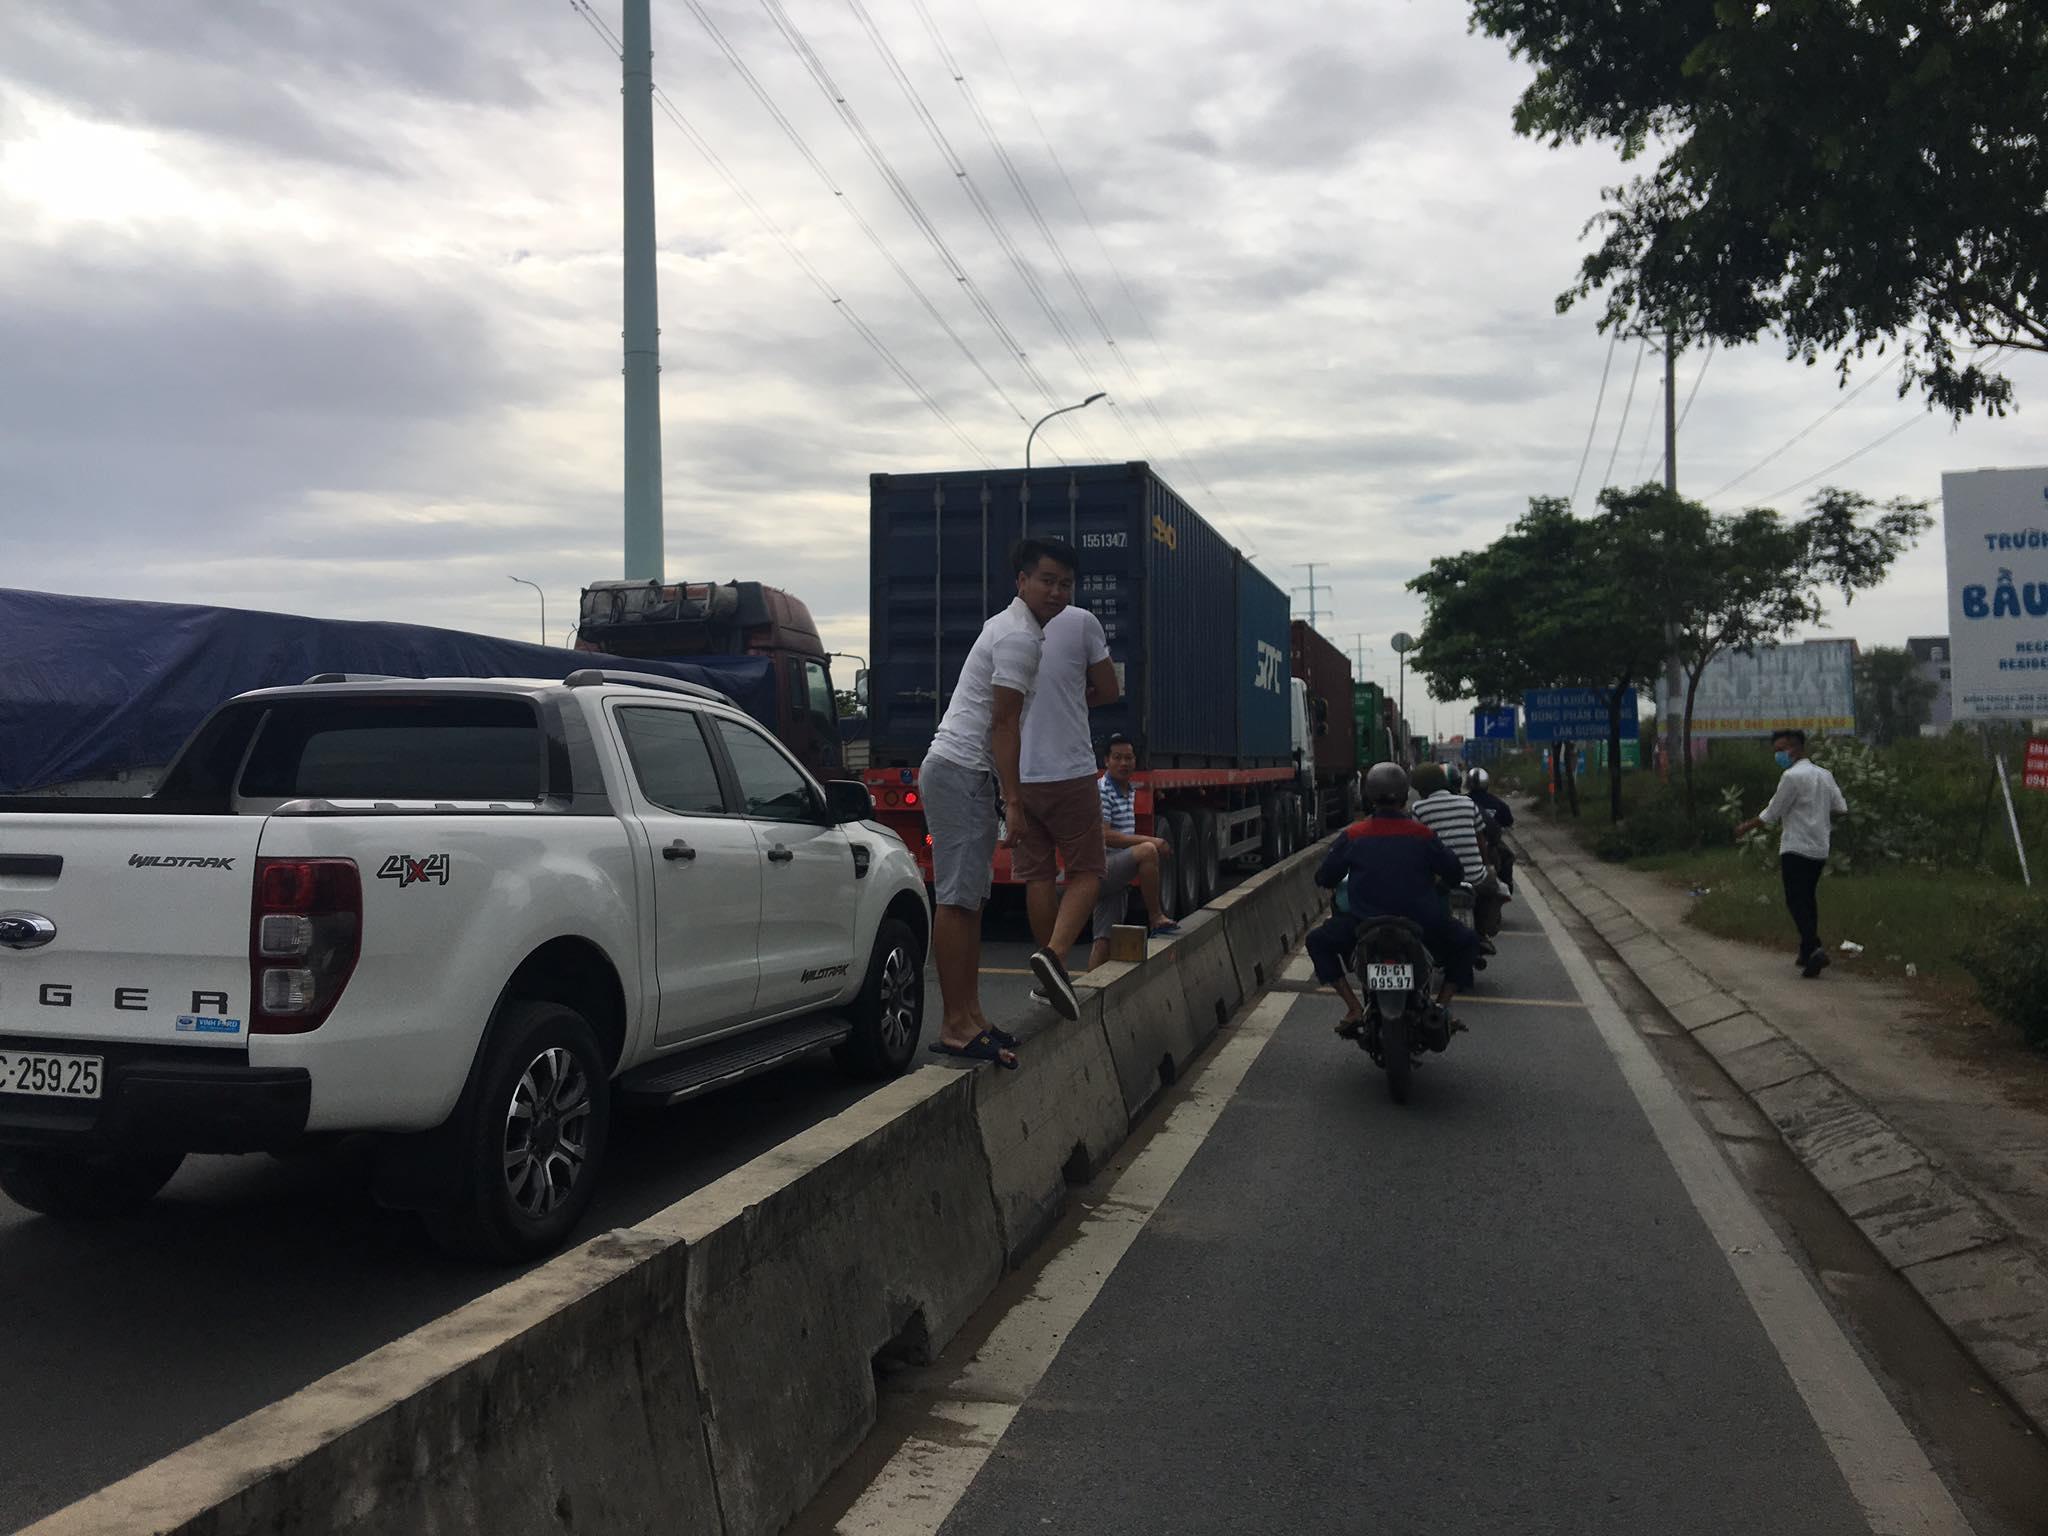 Ảnh: Kẹt xe từ sáng đến trưa ở phía Đông Sài Gòn, tài xế mở cửa xuống ngắm cảnh - Ảnh 4.